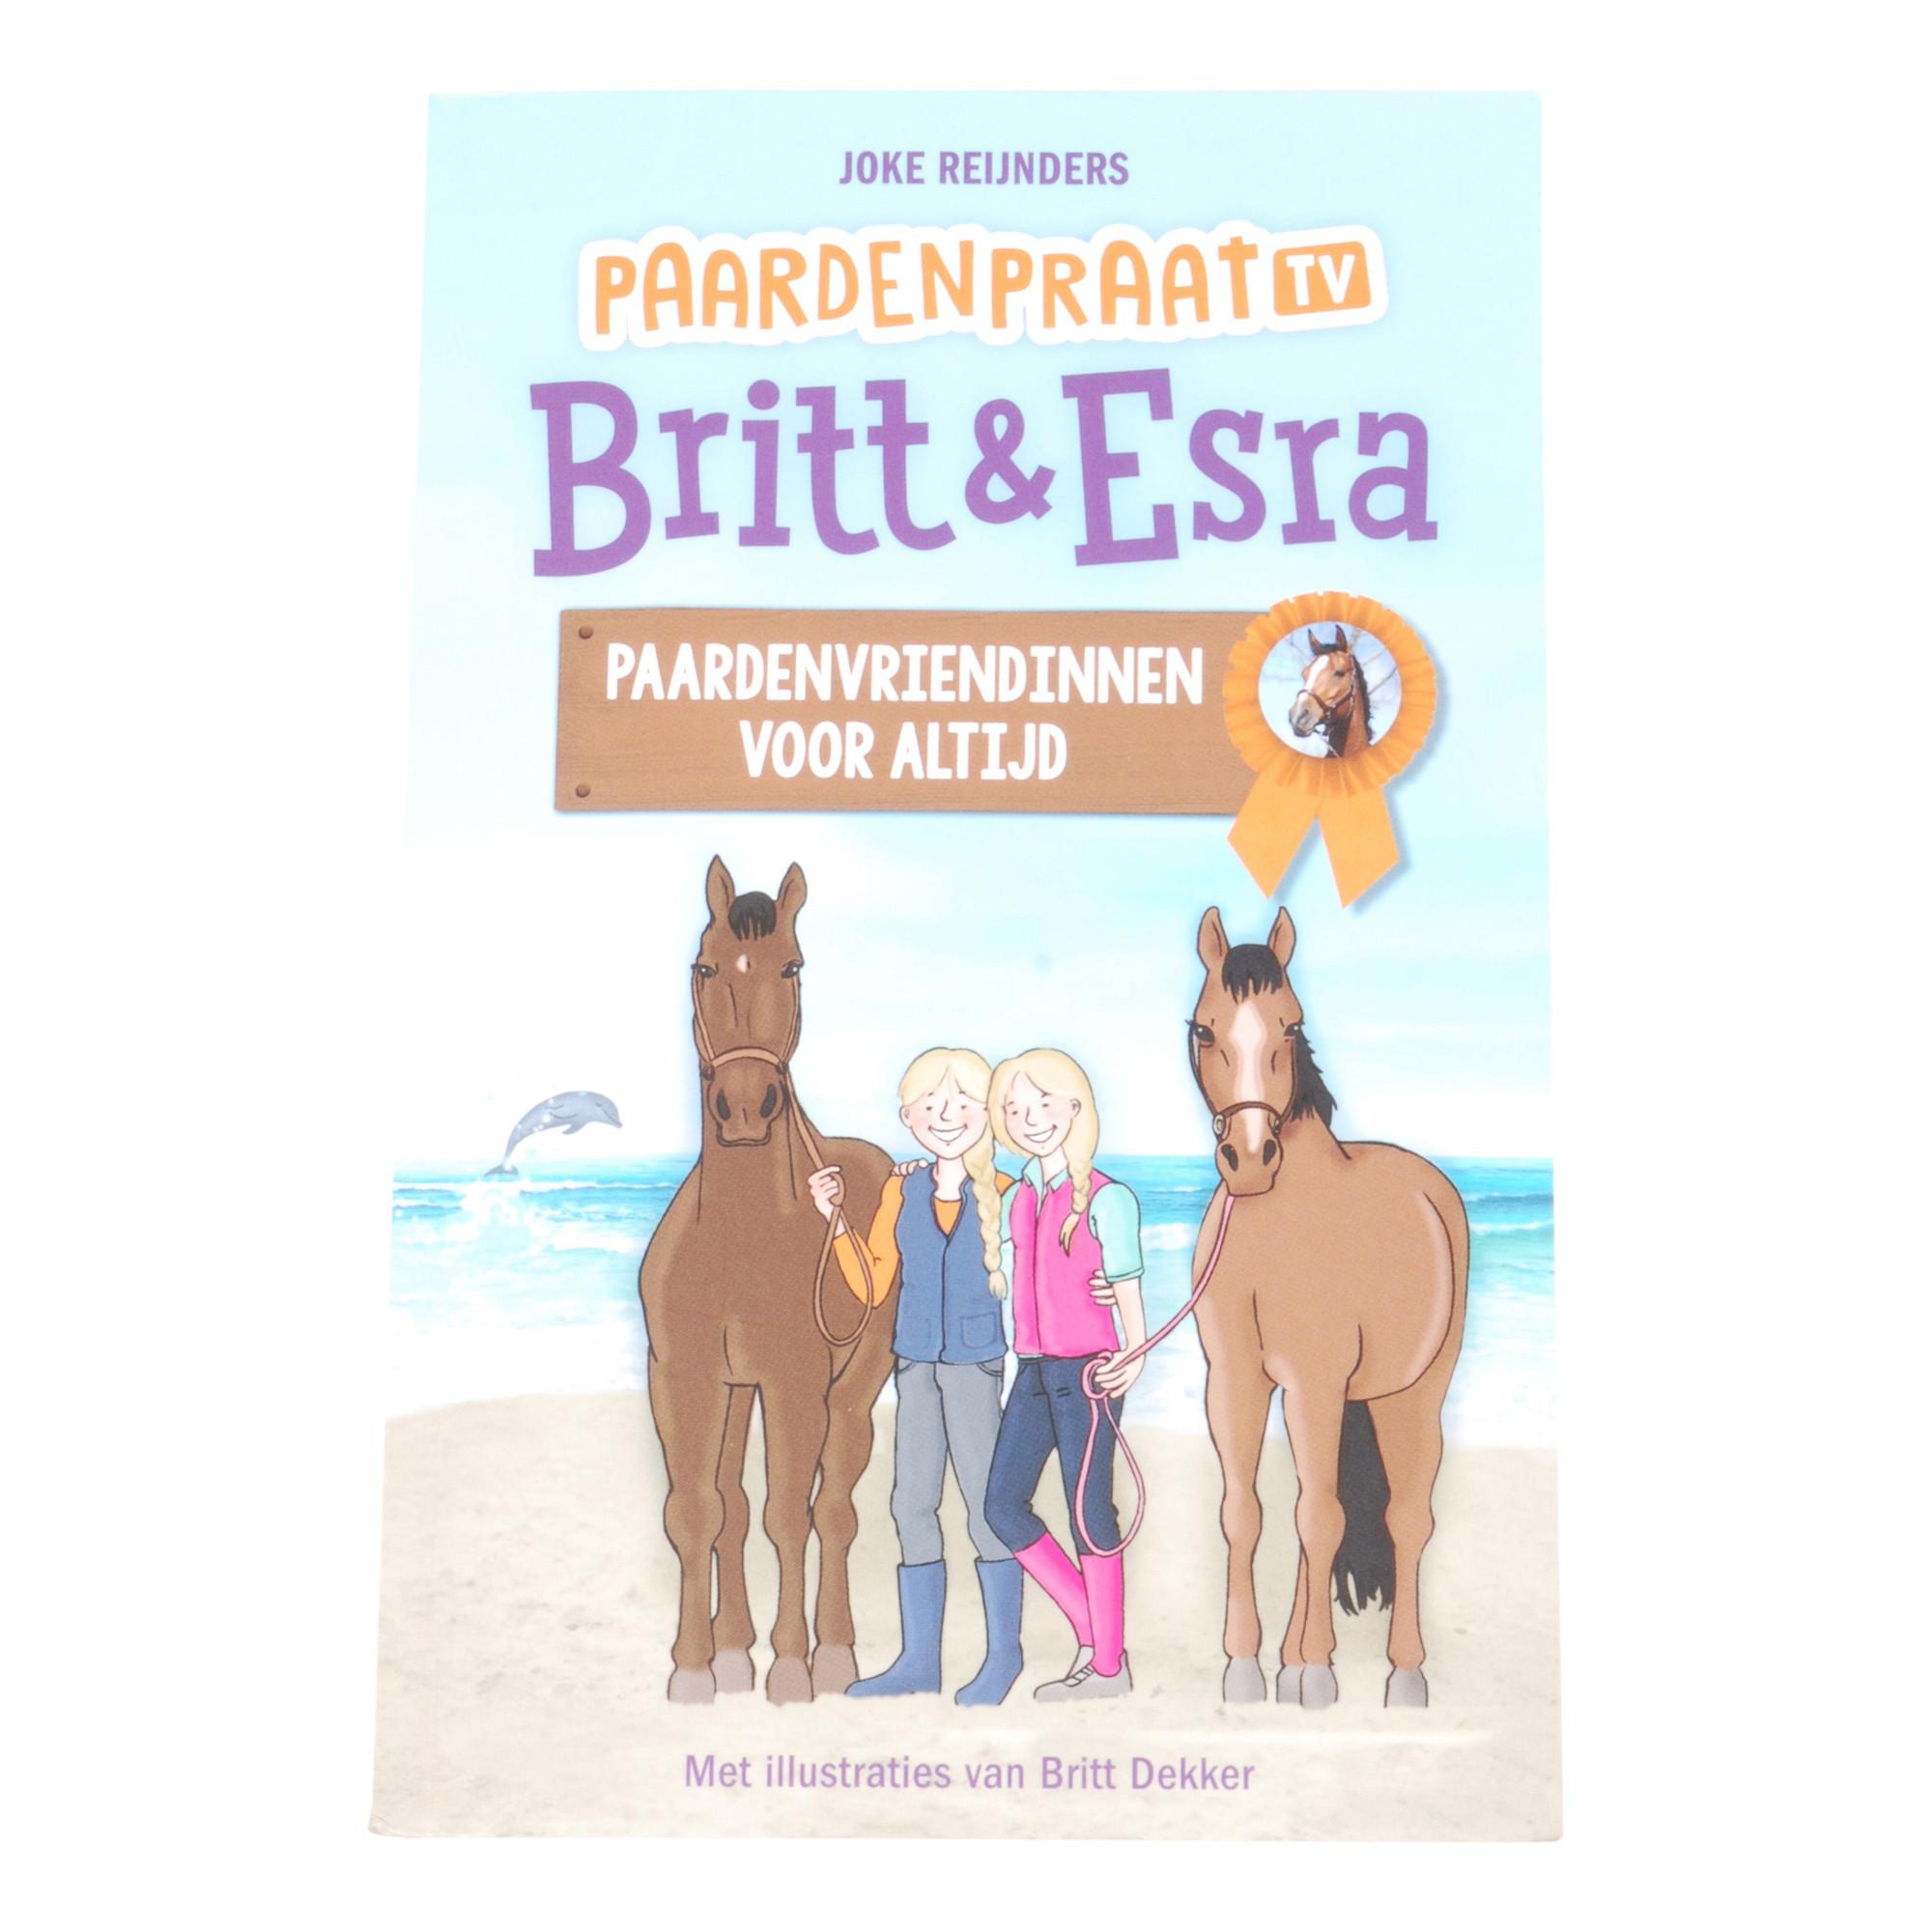 Britt & Esra, paardenvriendinnen voor altijd